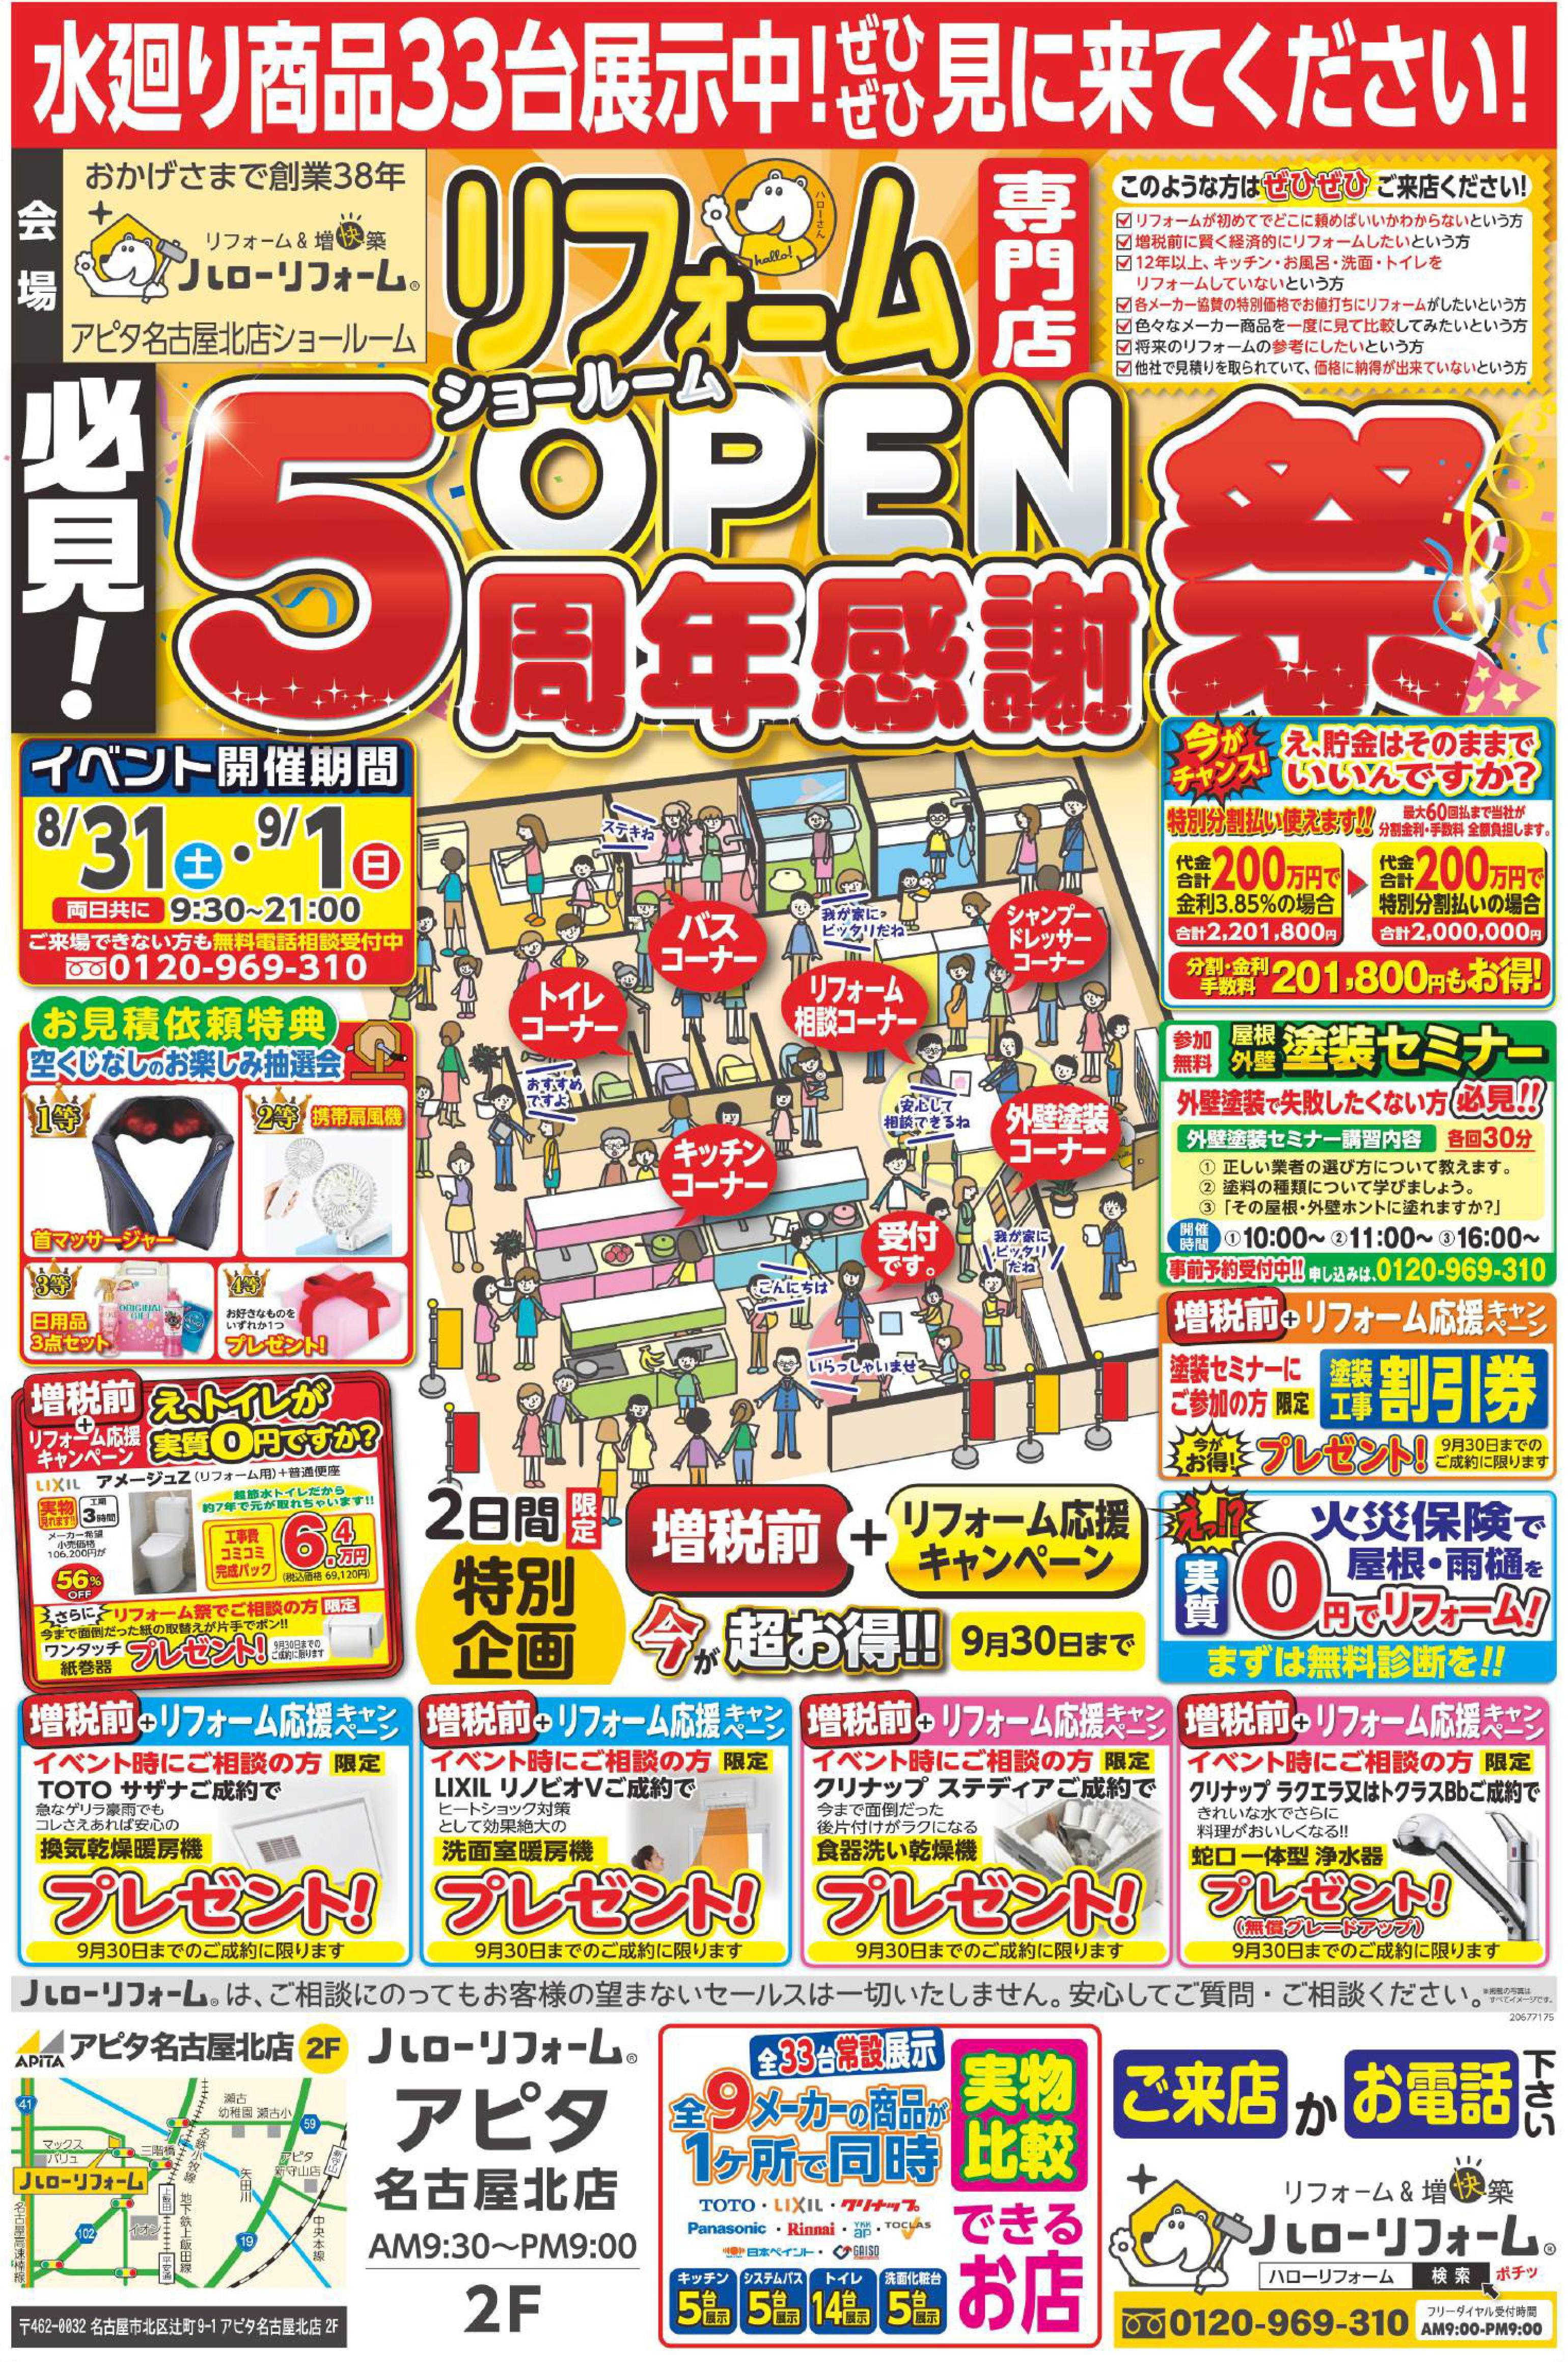 ショールームオープン感謝祭(アピタ名古屋北店)